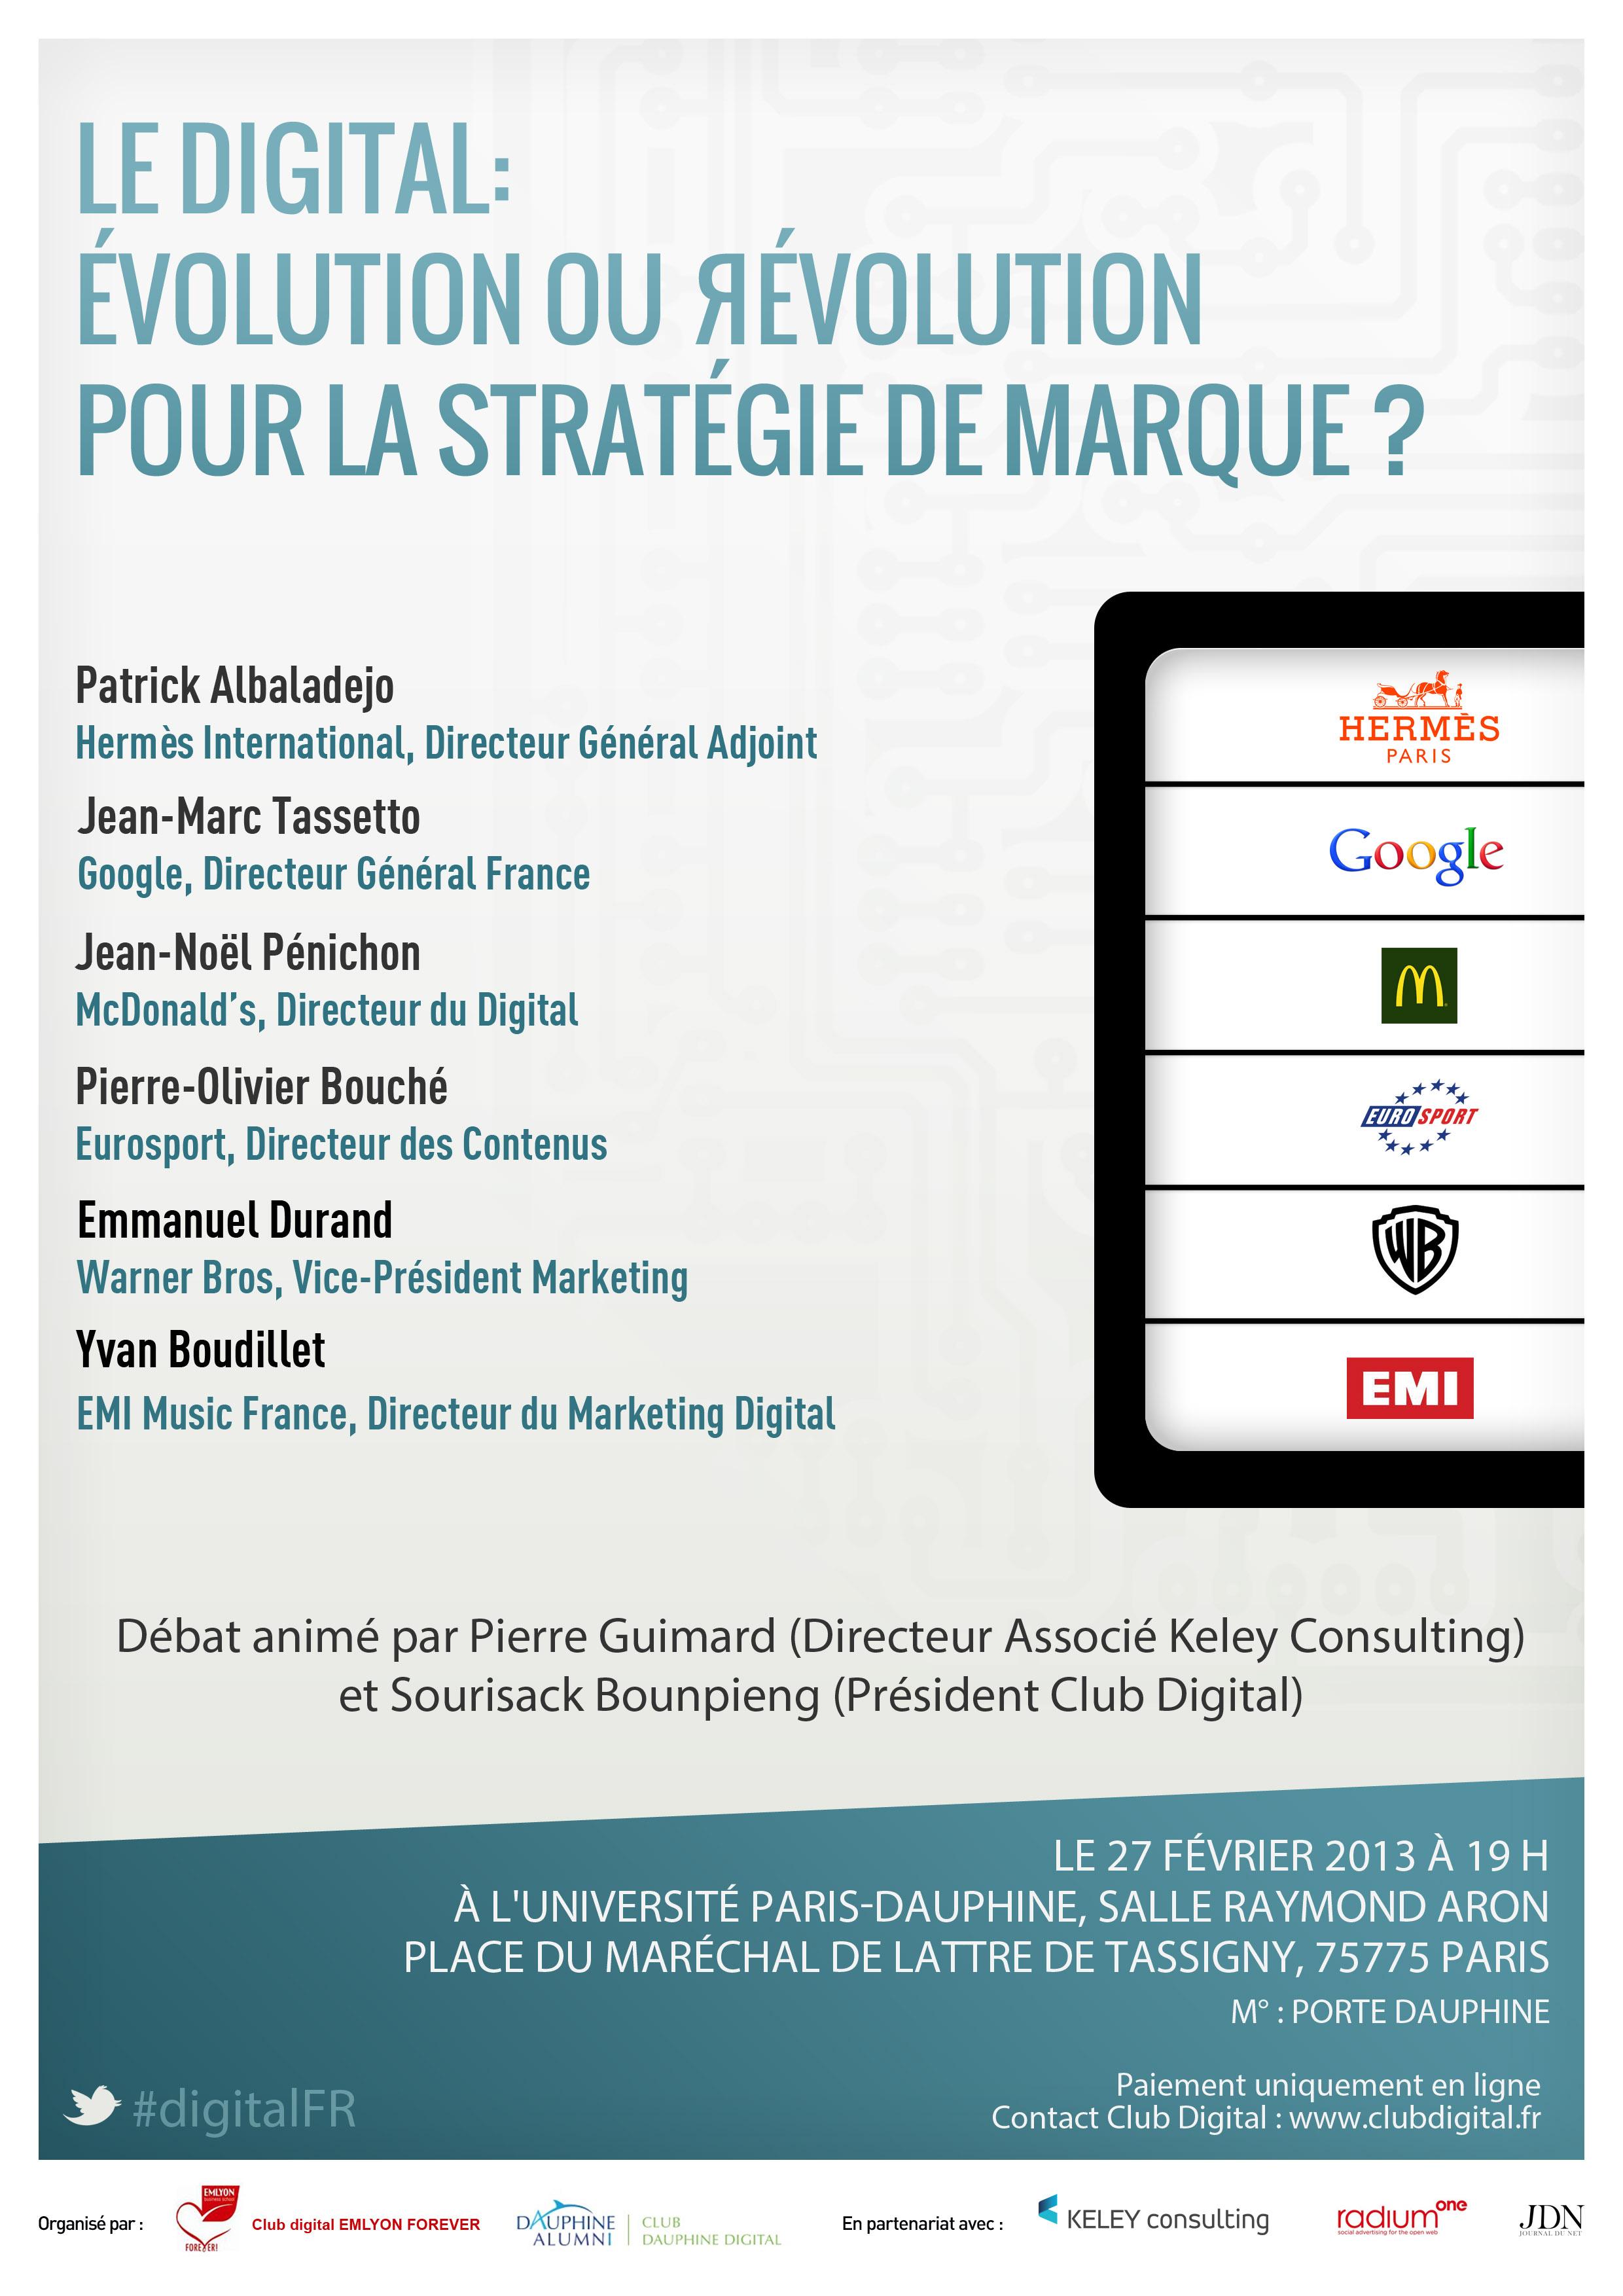 Le Digital : Évolution ou révolution pour la stratégie de marque